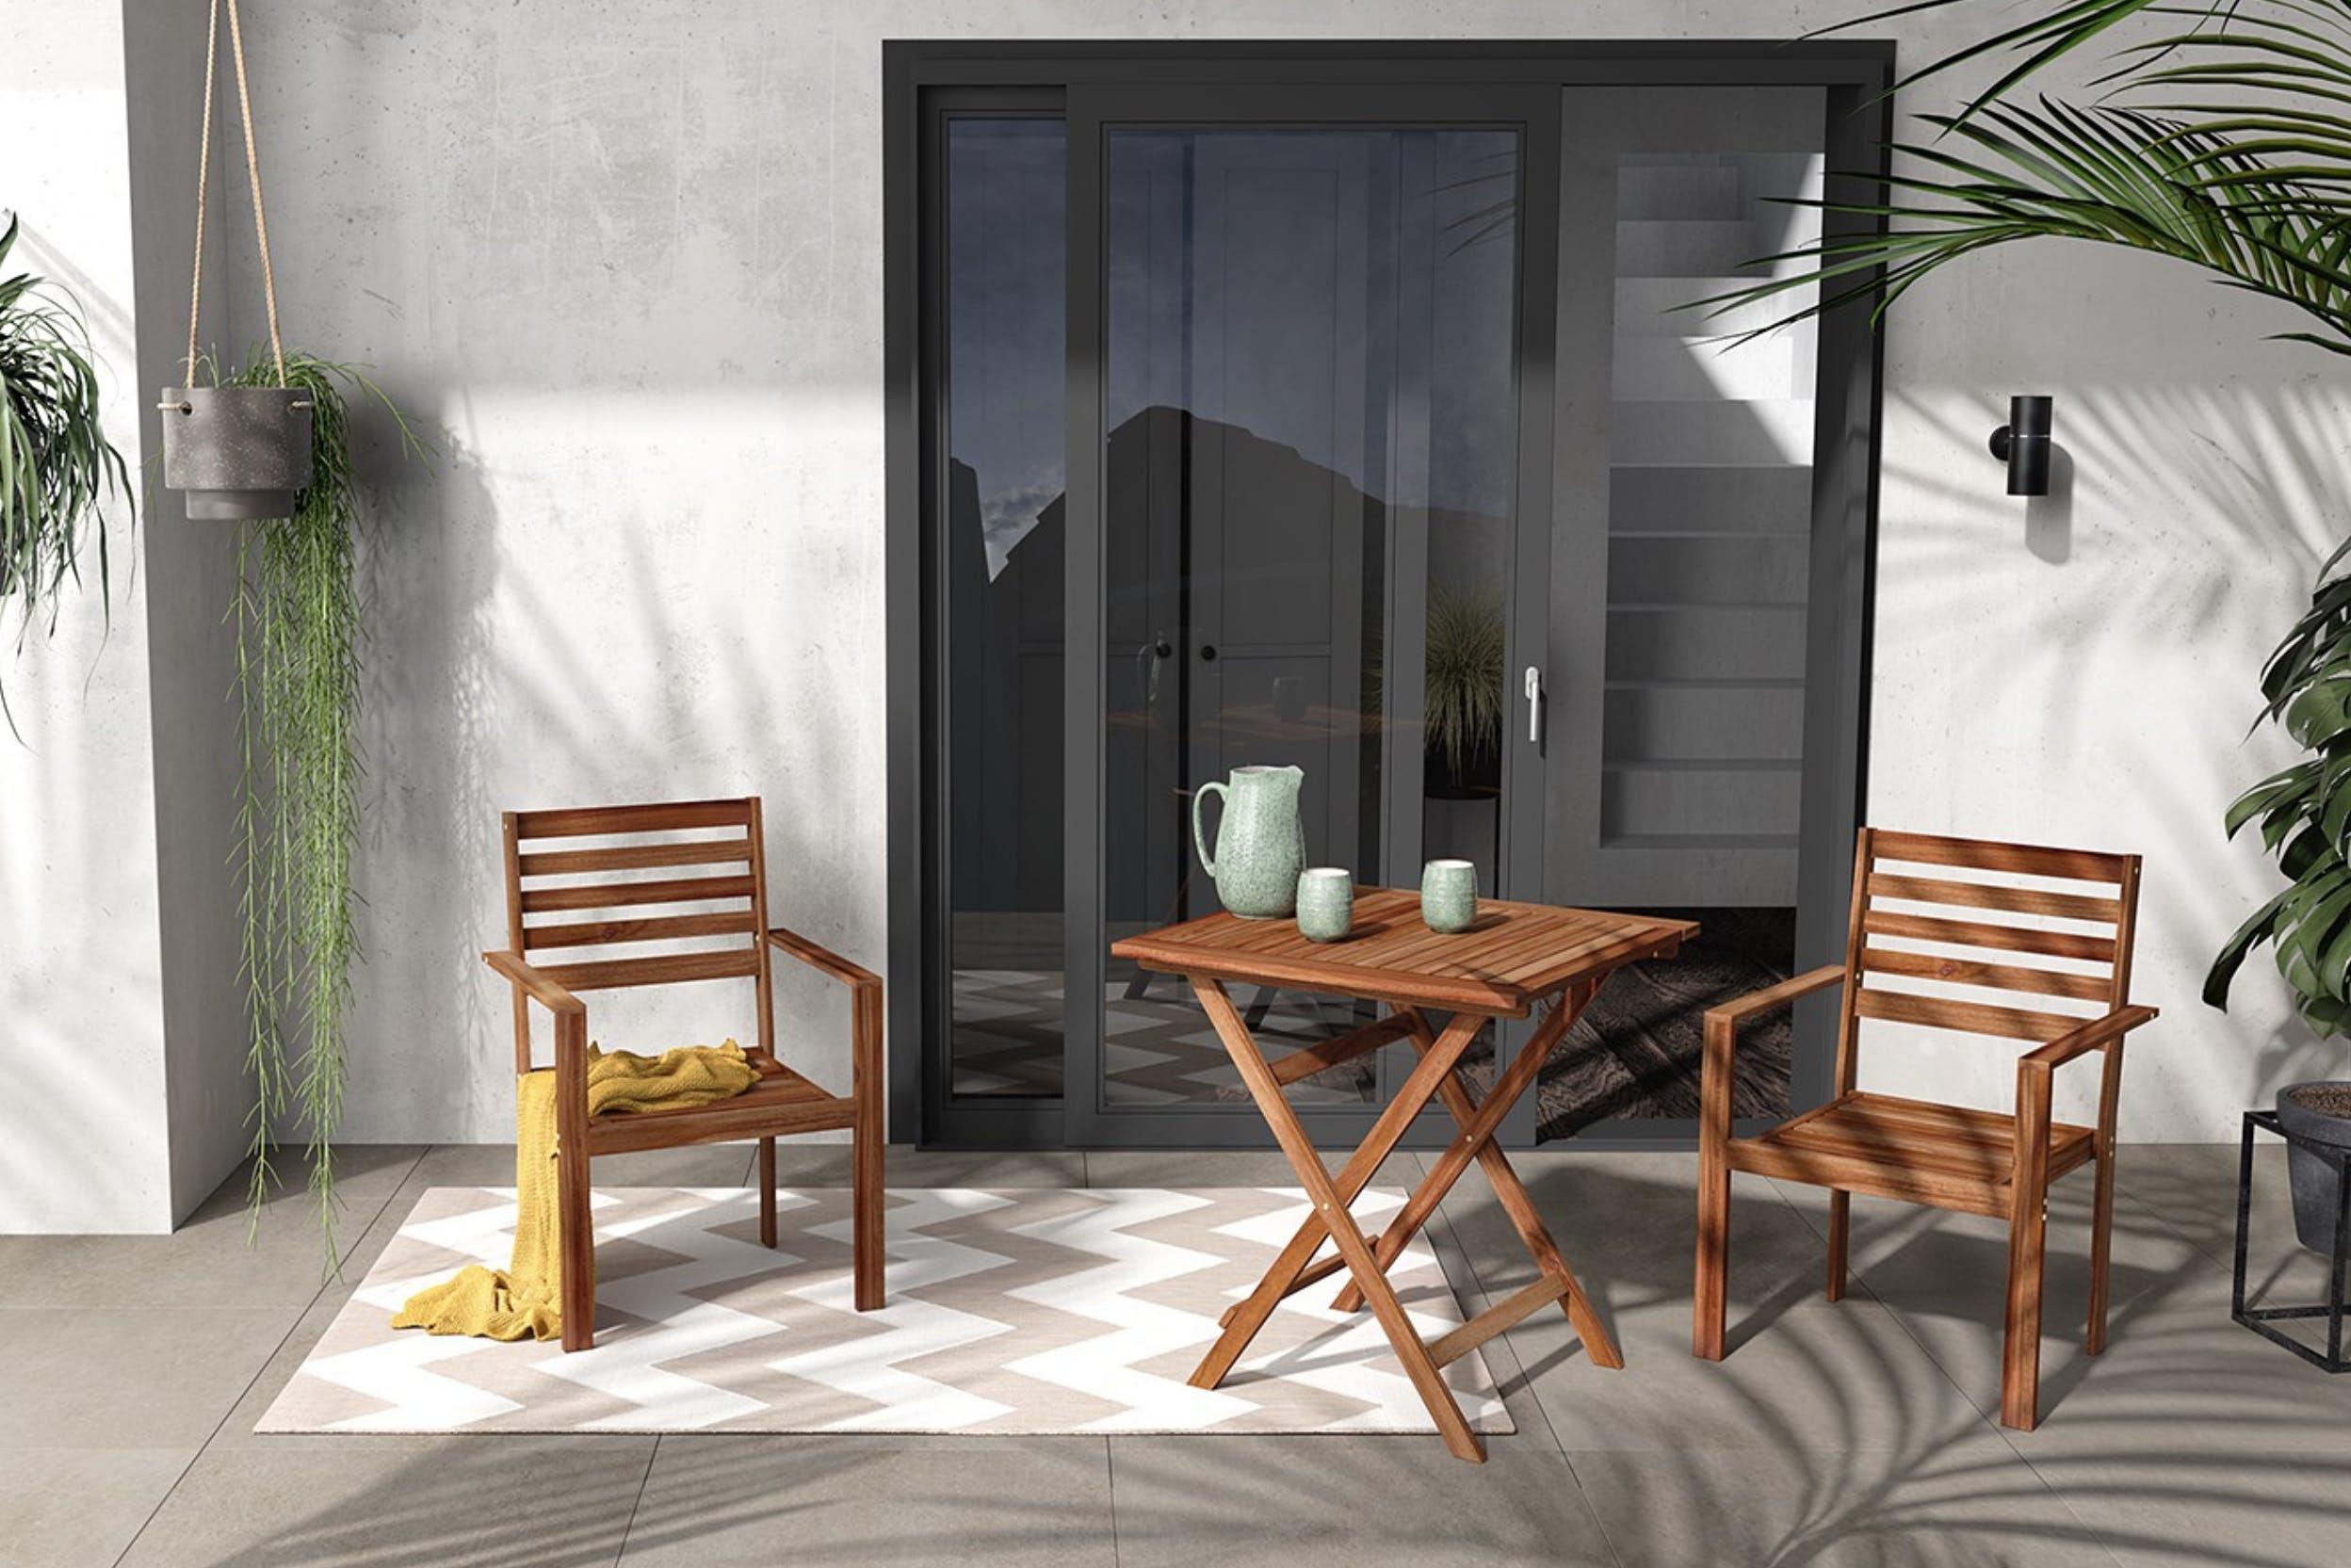 Arbeitsplatz mit Holztisch und Stuhl auf Terrasse